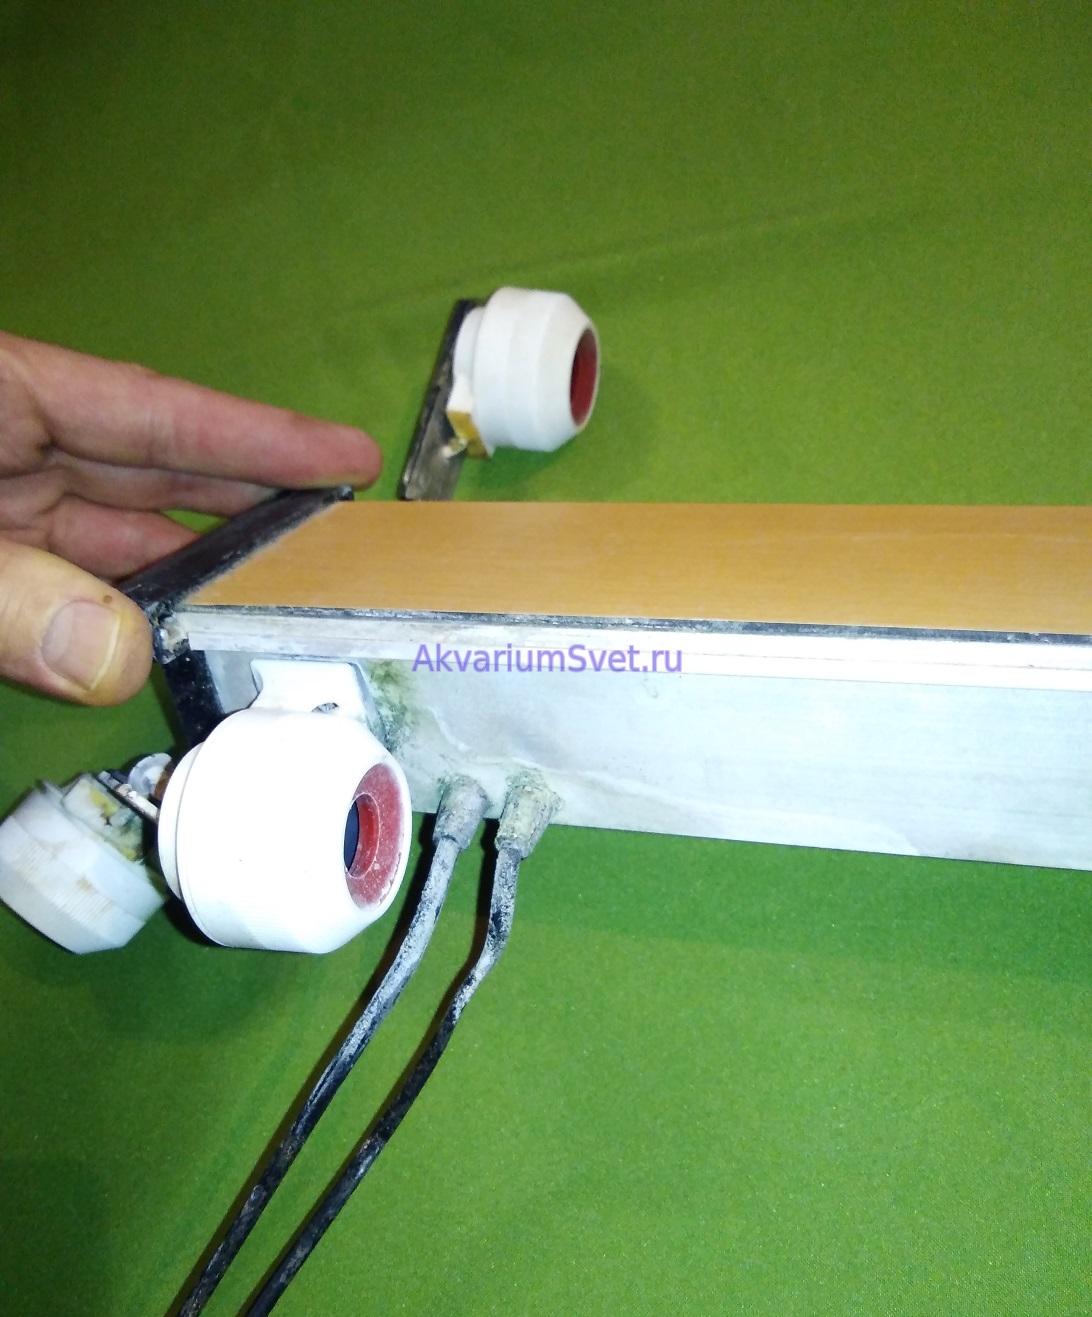 В светильнике было два сетевых провода для возможности раздельного вкючения ламп через таймеры